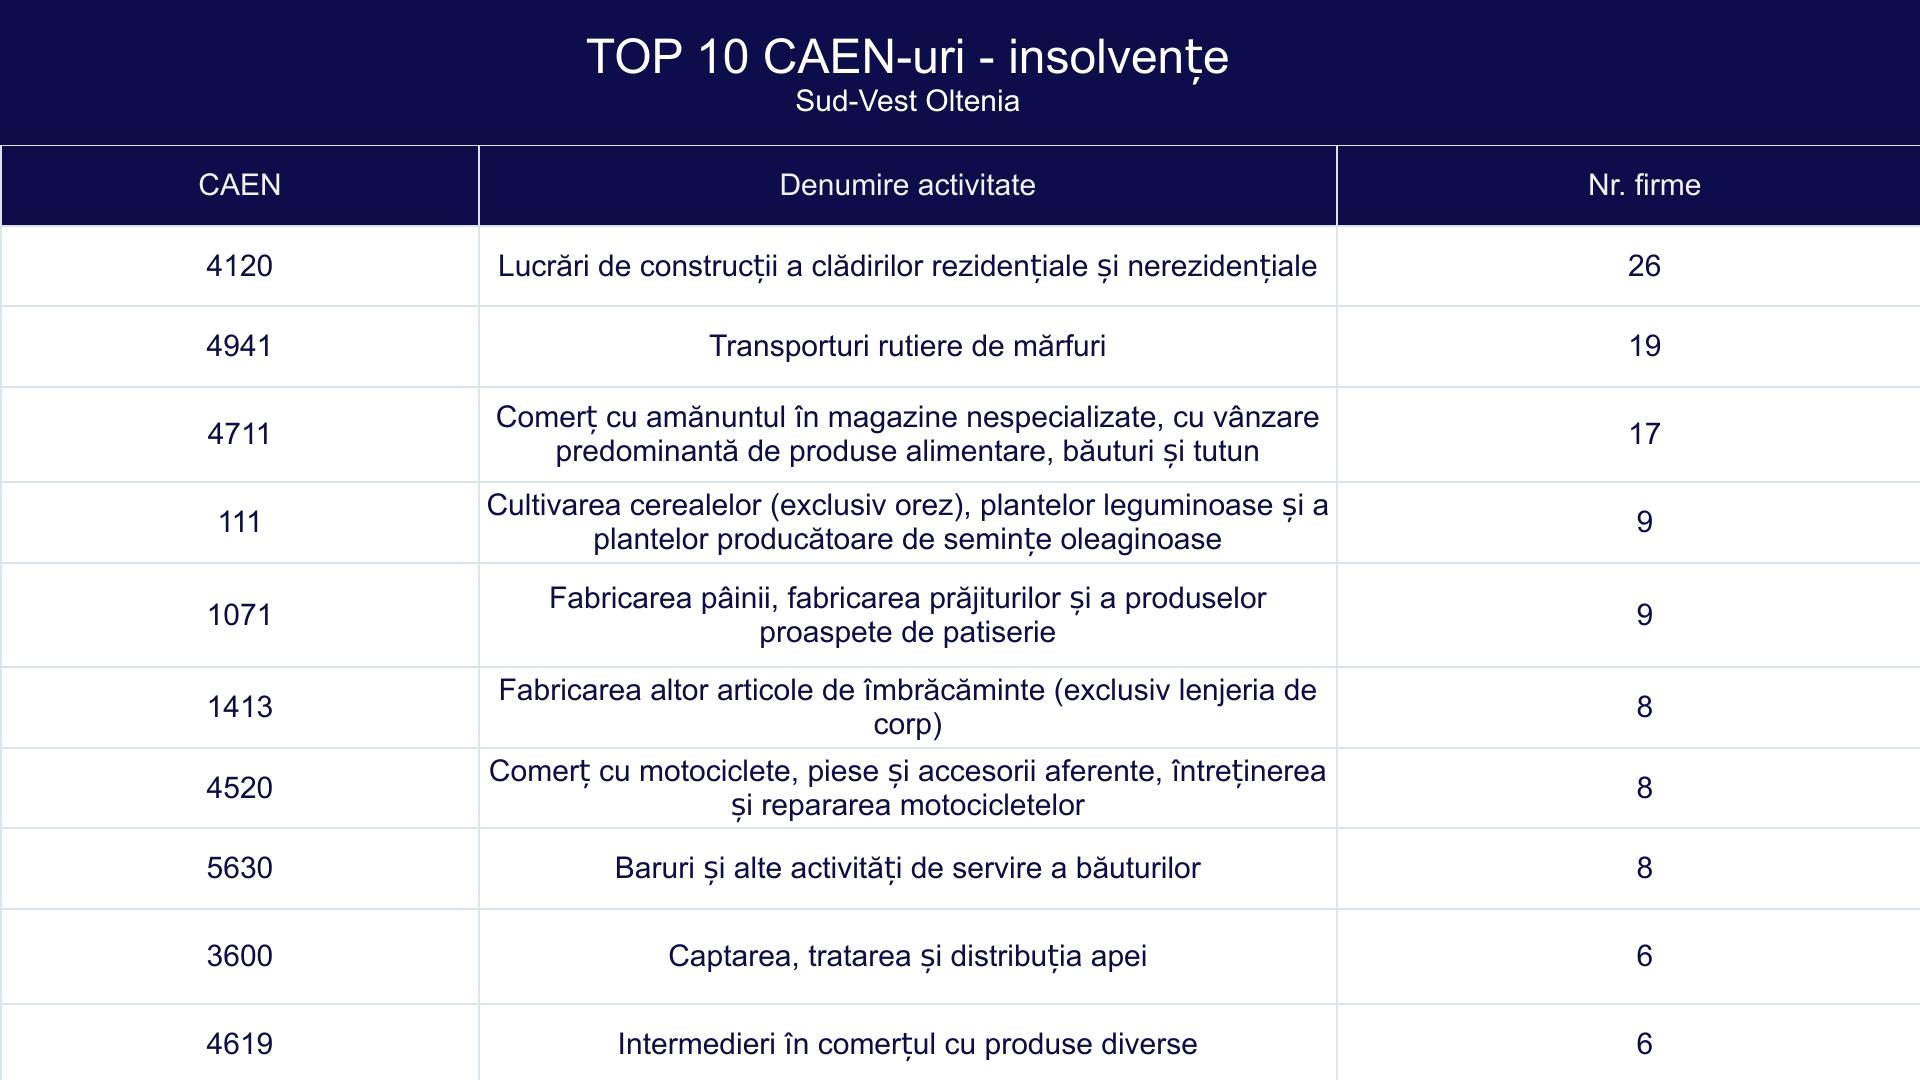 TOP 10 CAEN-uri - insolvențe - Sud-Vest Oltenia